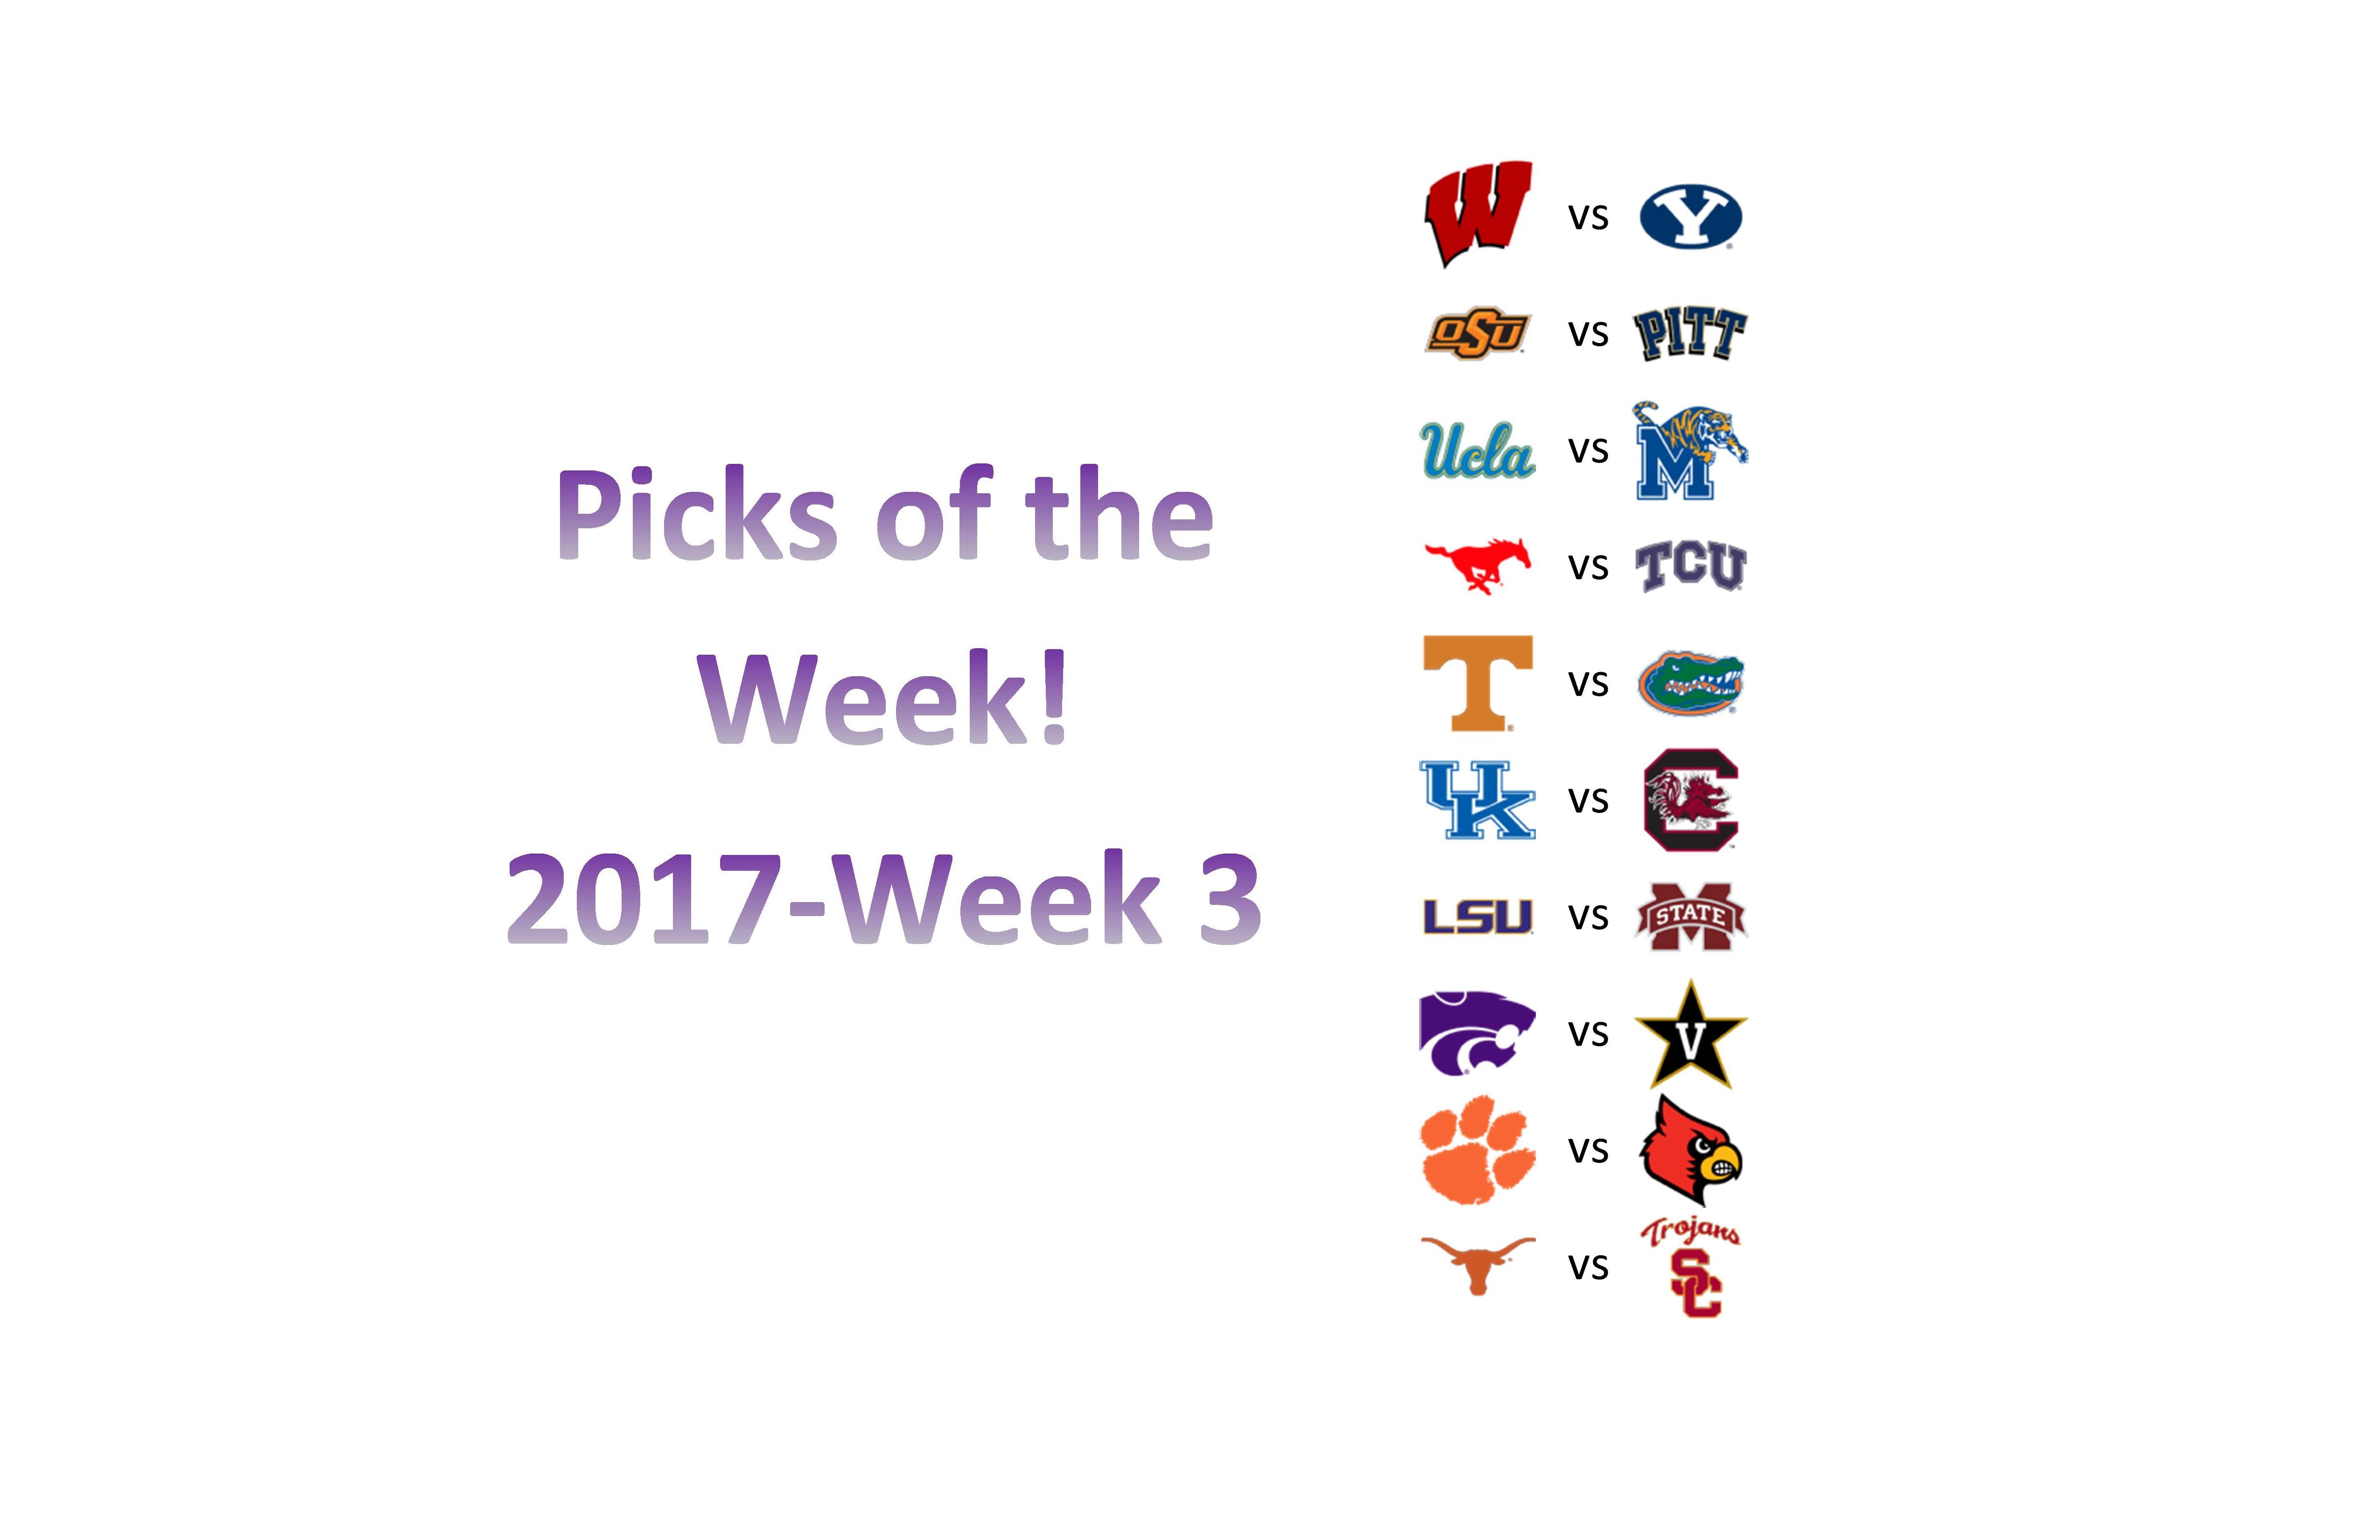 2017 – Week 3 Picks